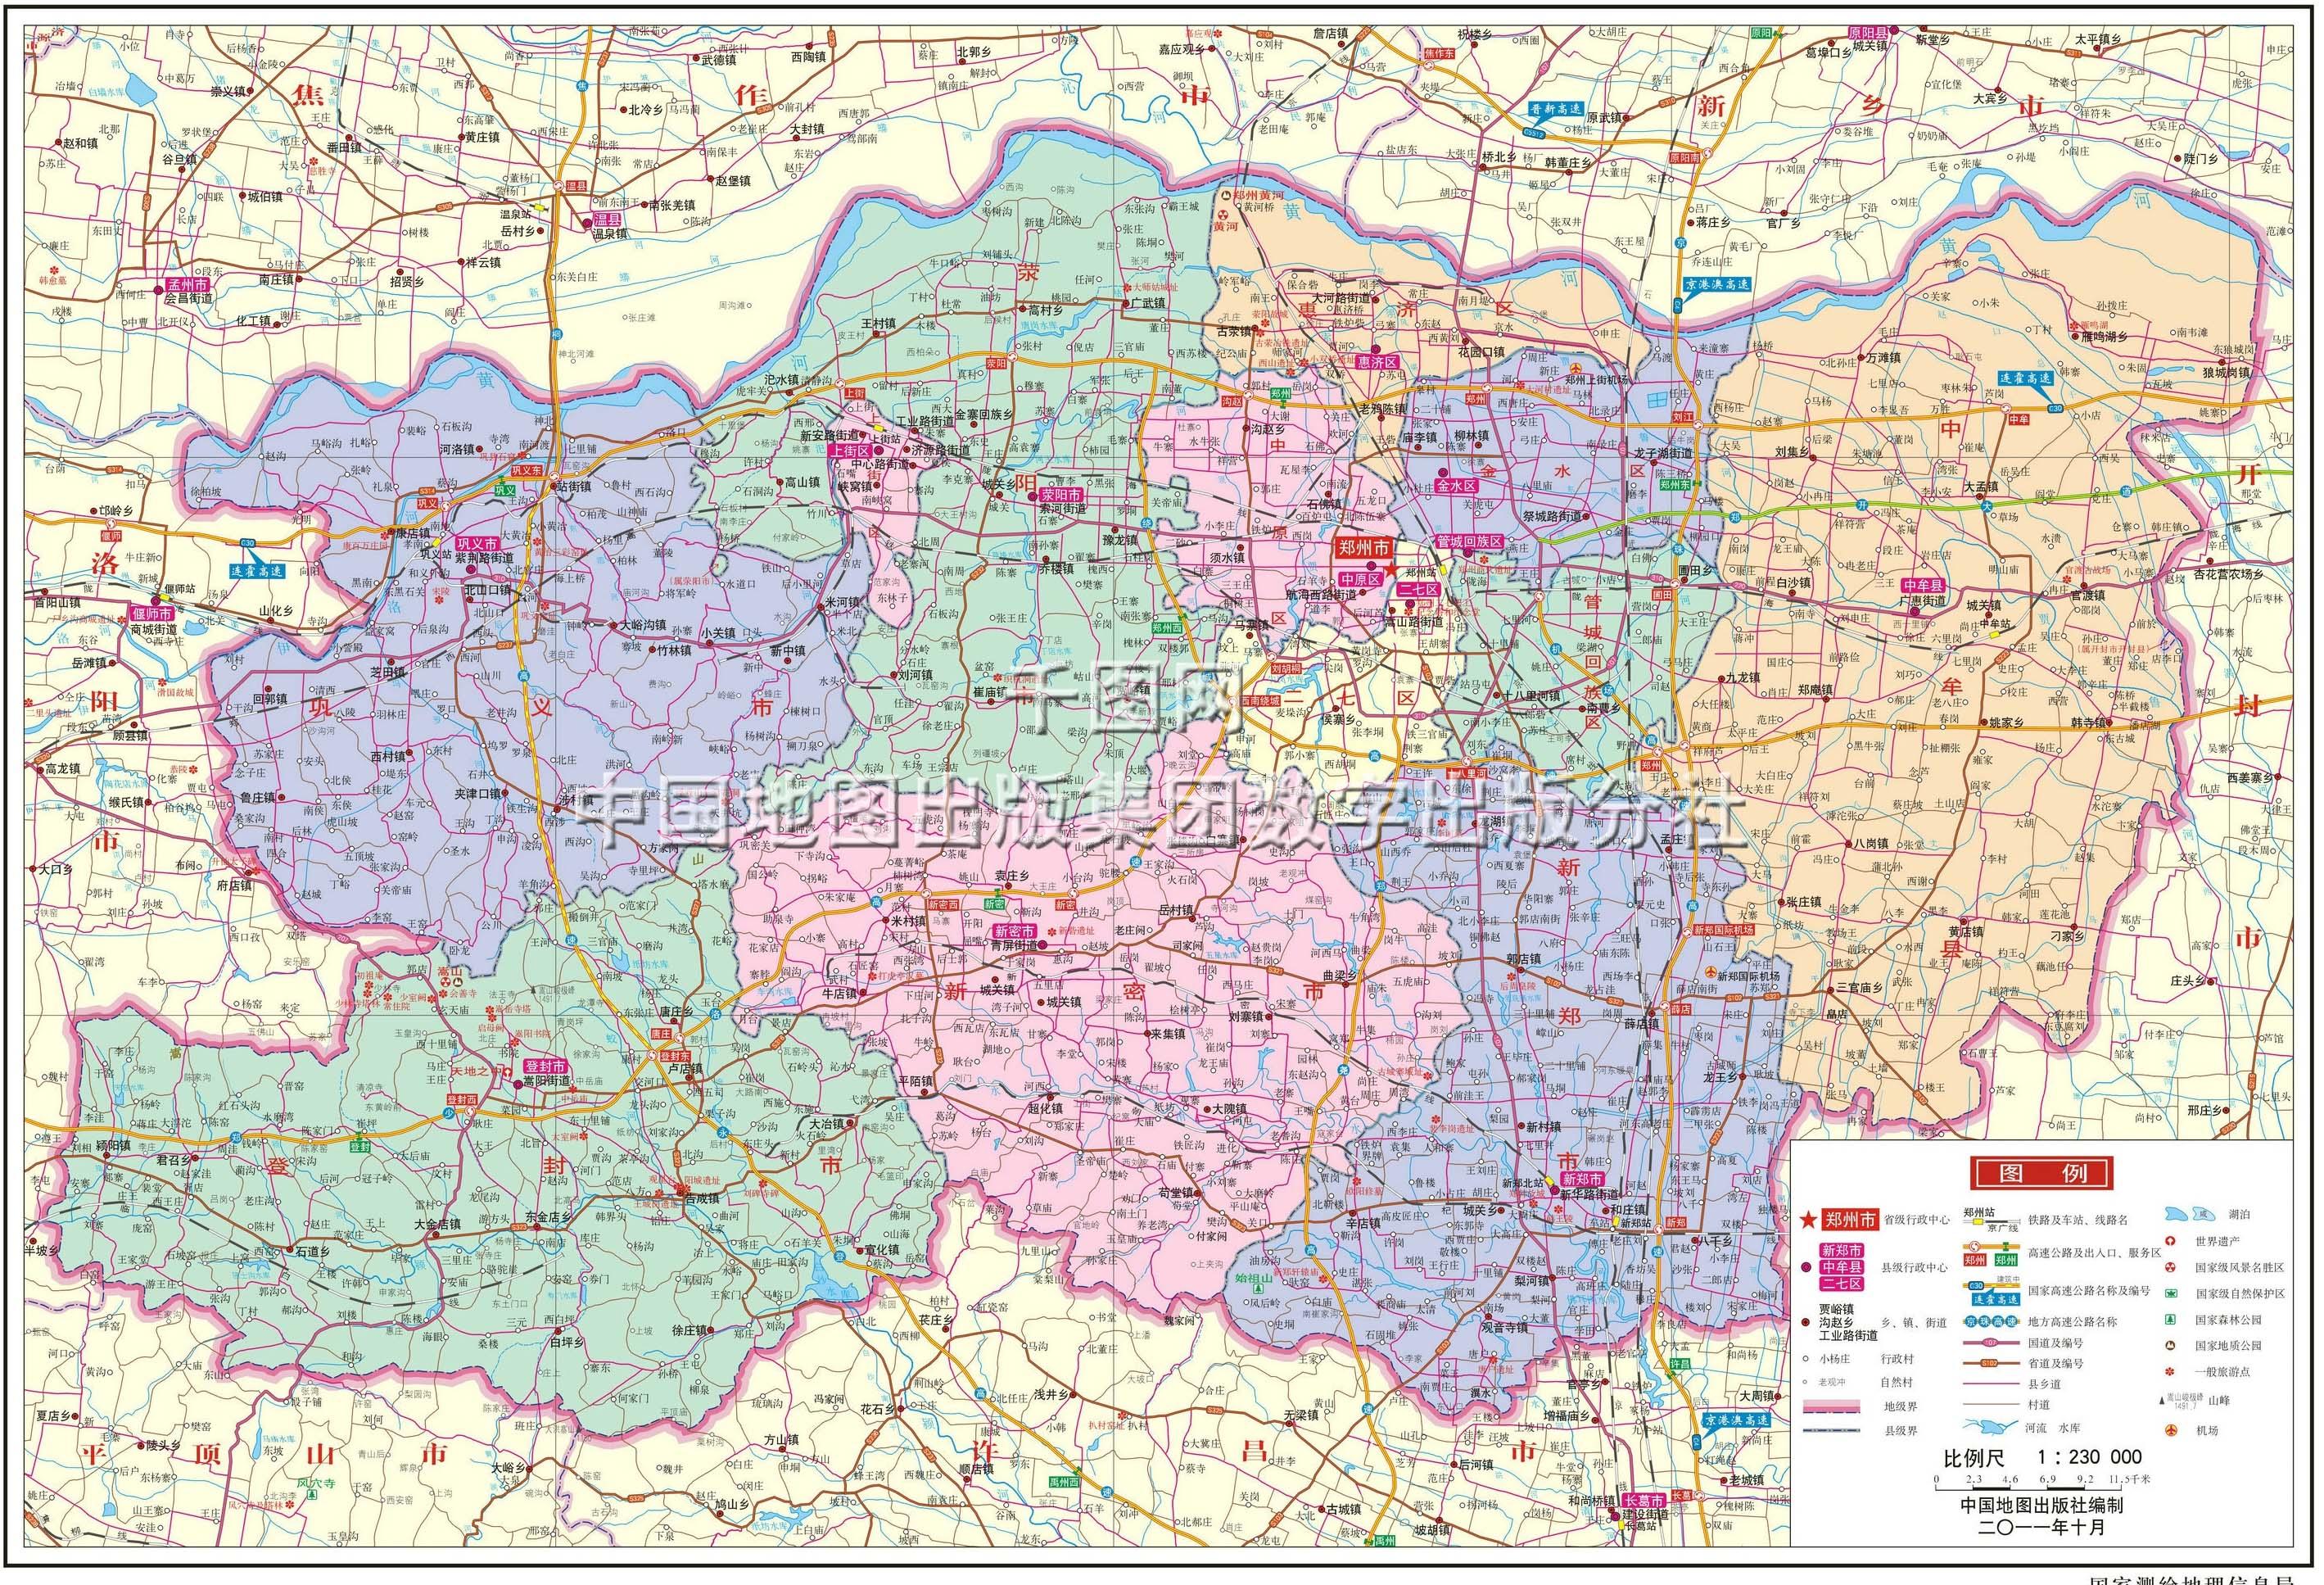 郑州市地图高清版